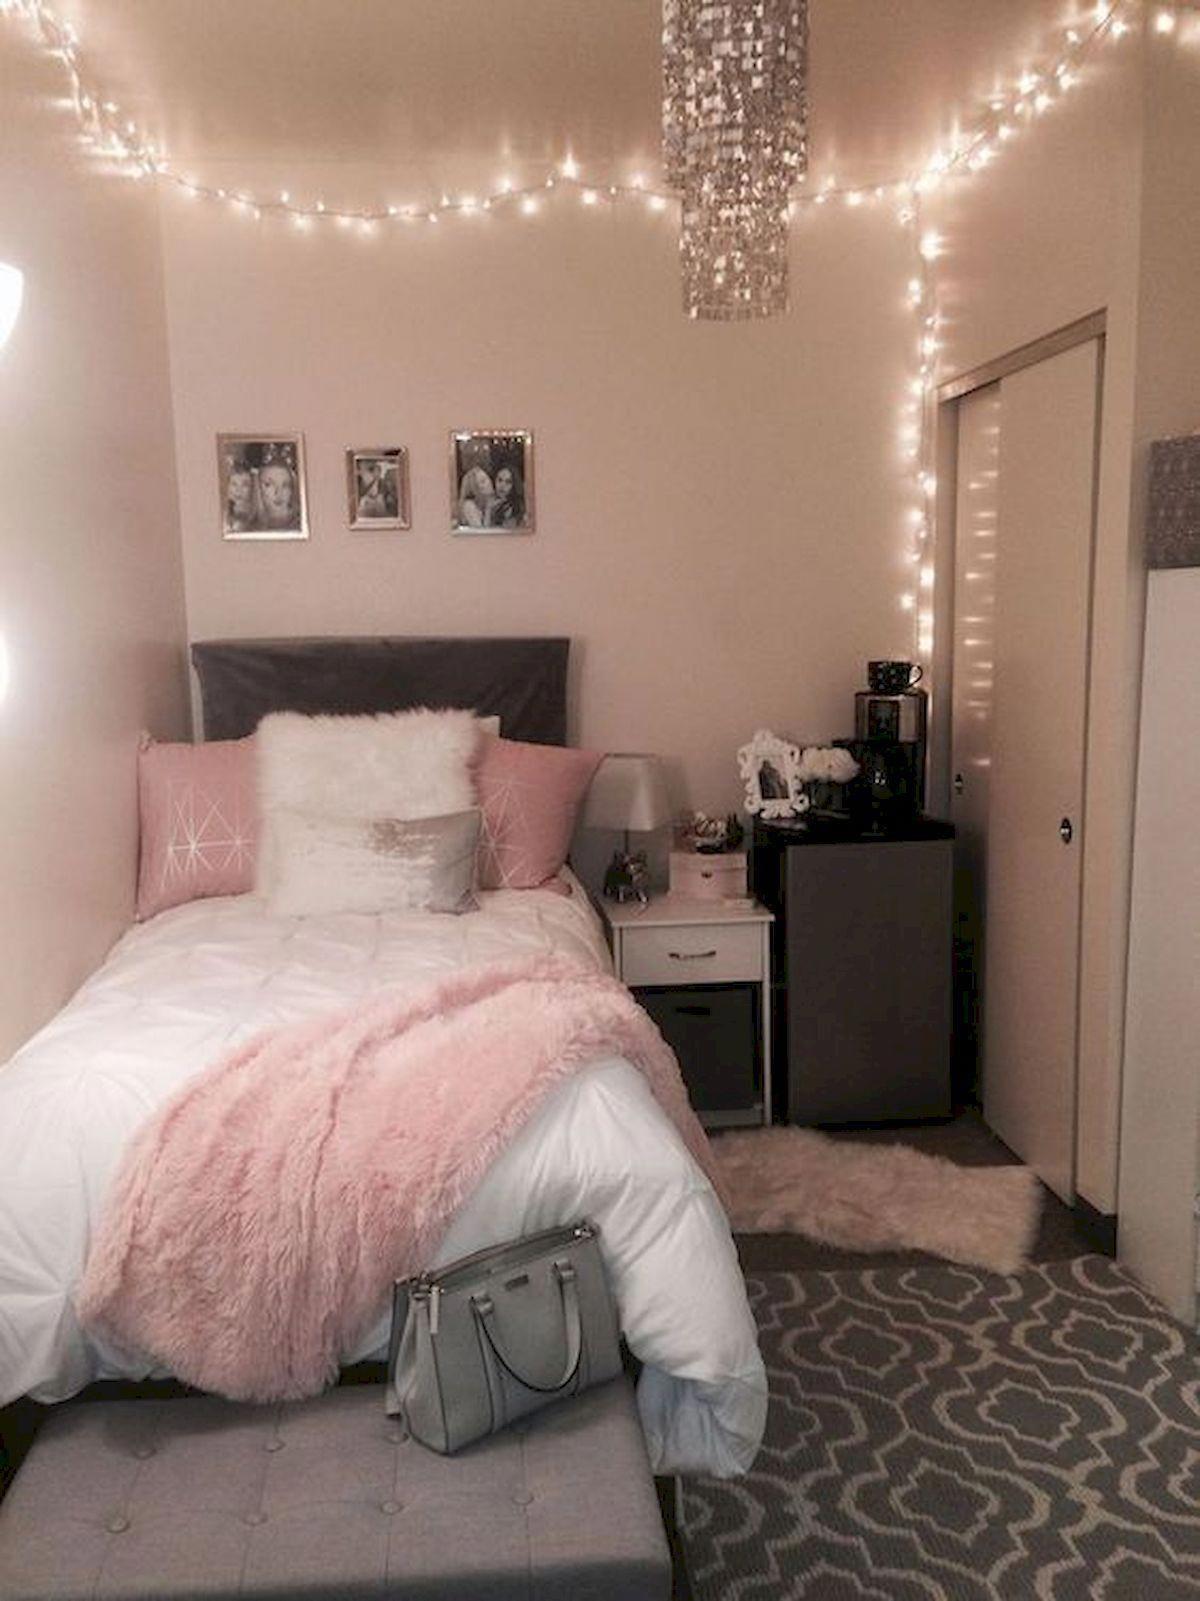 Girlsbedroom In 2020 Small Bedroom Decor Small Bedroom Small Room Design